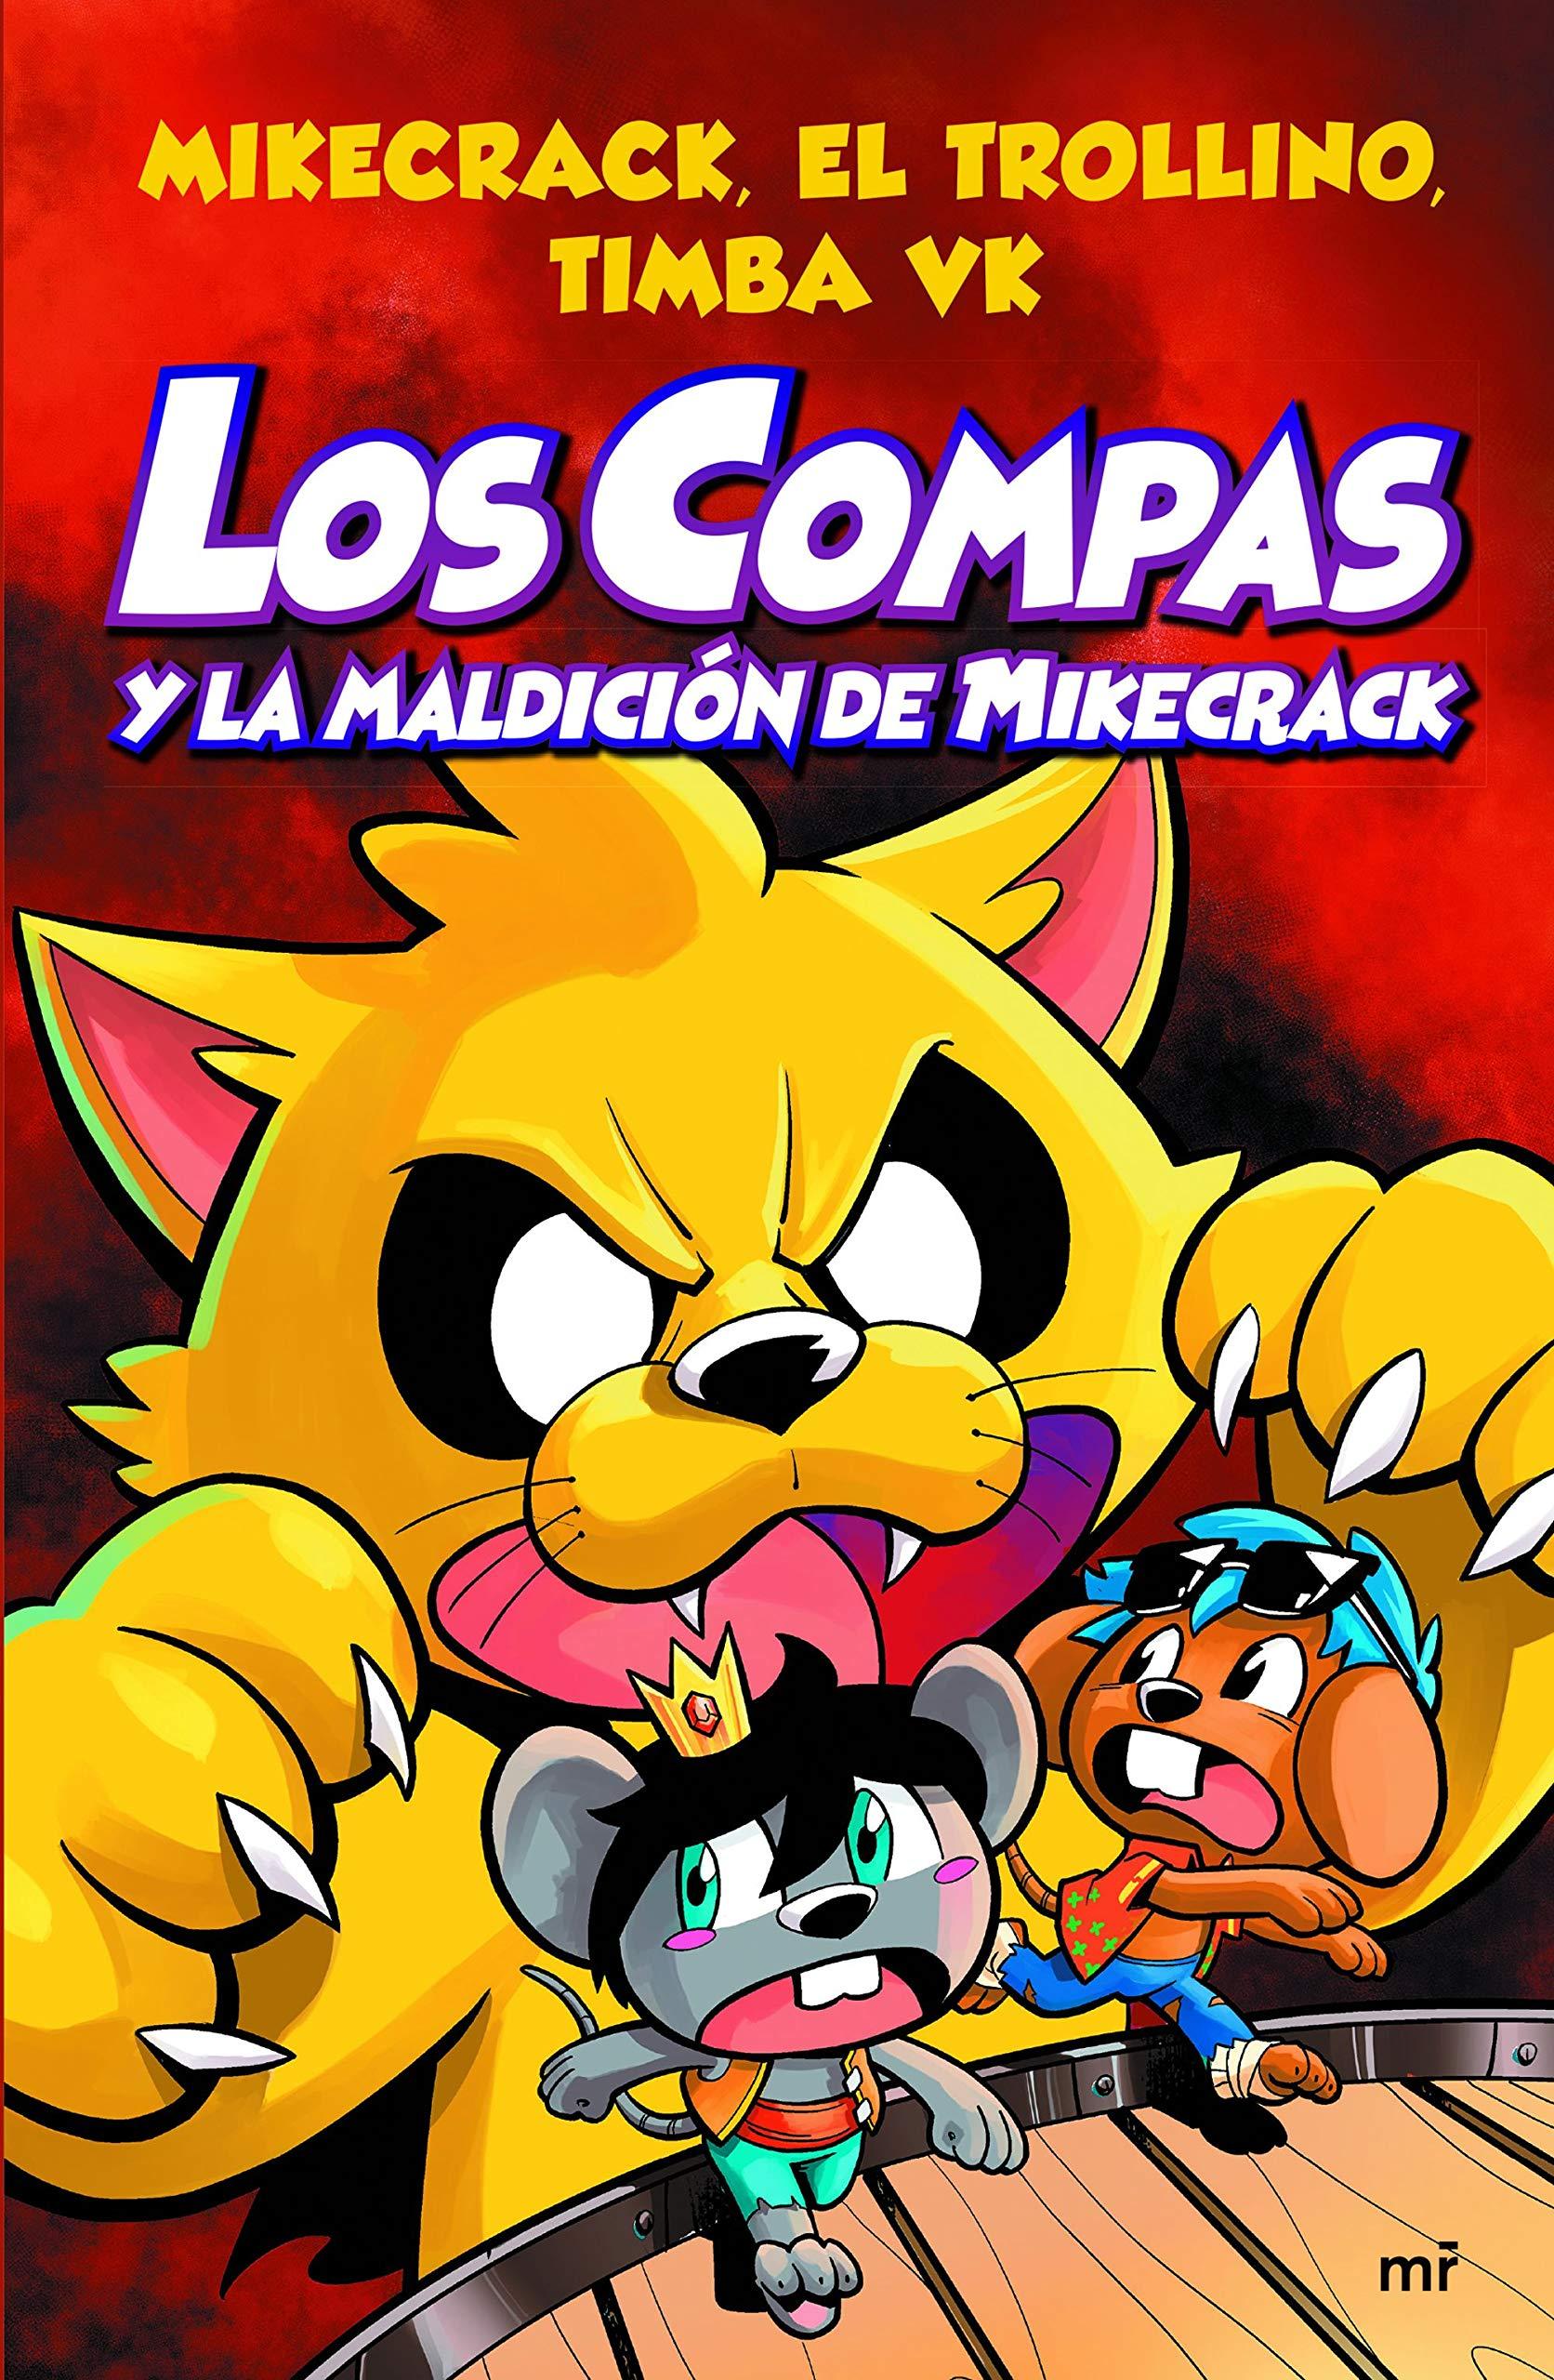 Los Compas y la maldición de Mikecrack (4You2): Amazon.es: Mikecrack El  Trollino y Timba Vk: Libros